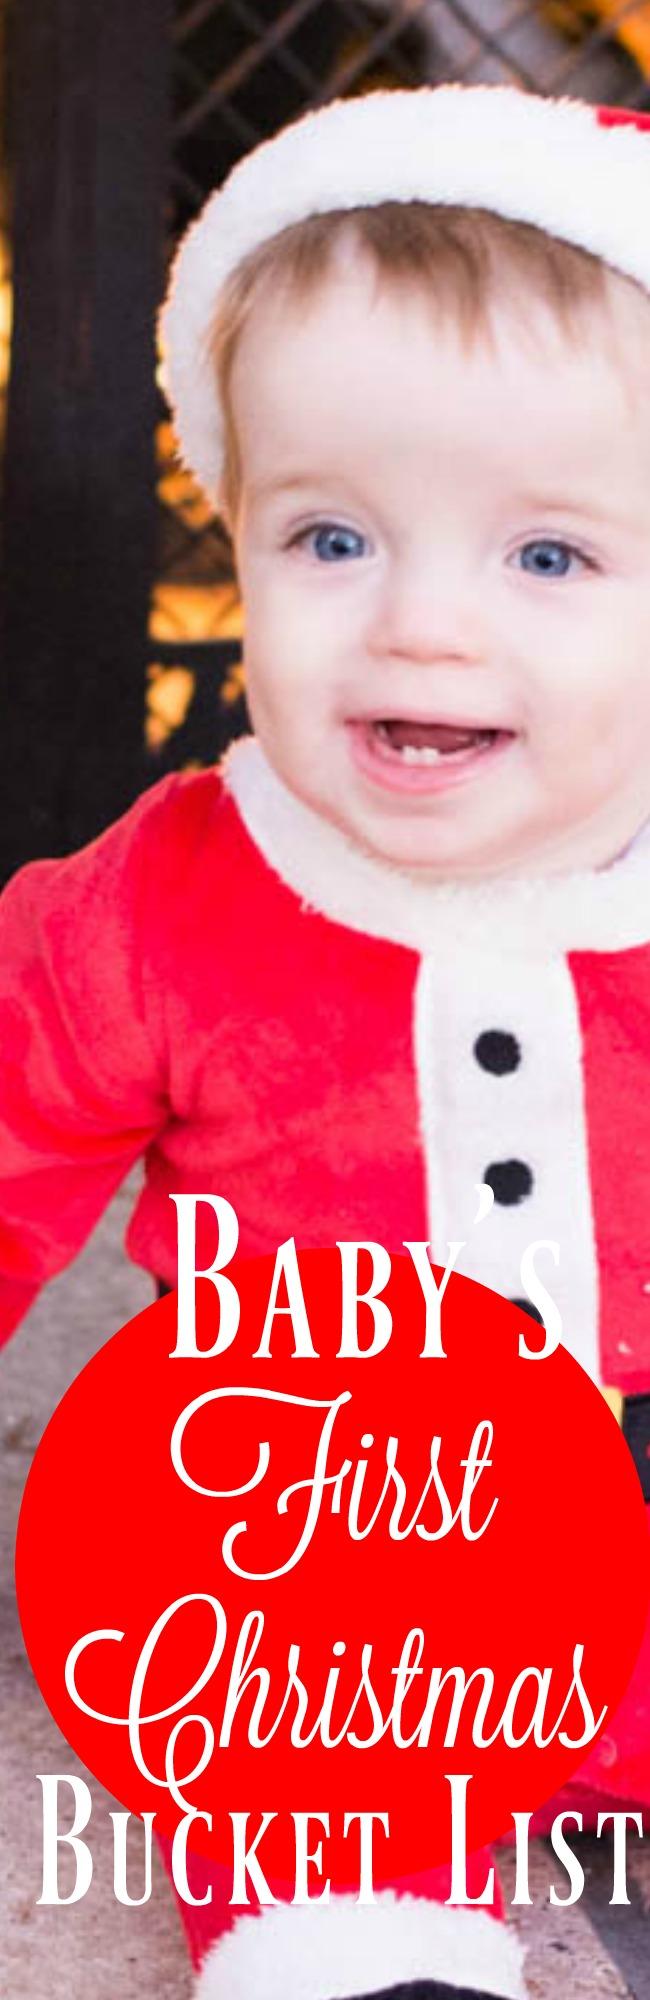 Christmas Bucket list / Baby Christmas Bucket list / Bucket list / Winter Bucket List / Baby's First Christmas